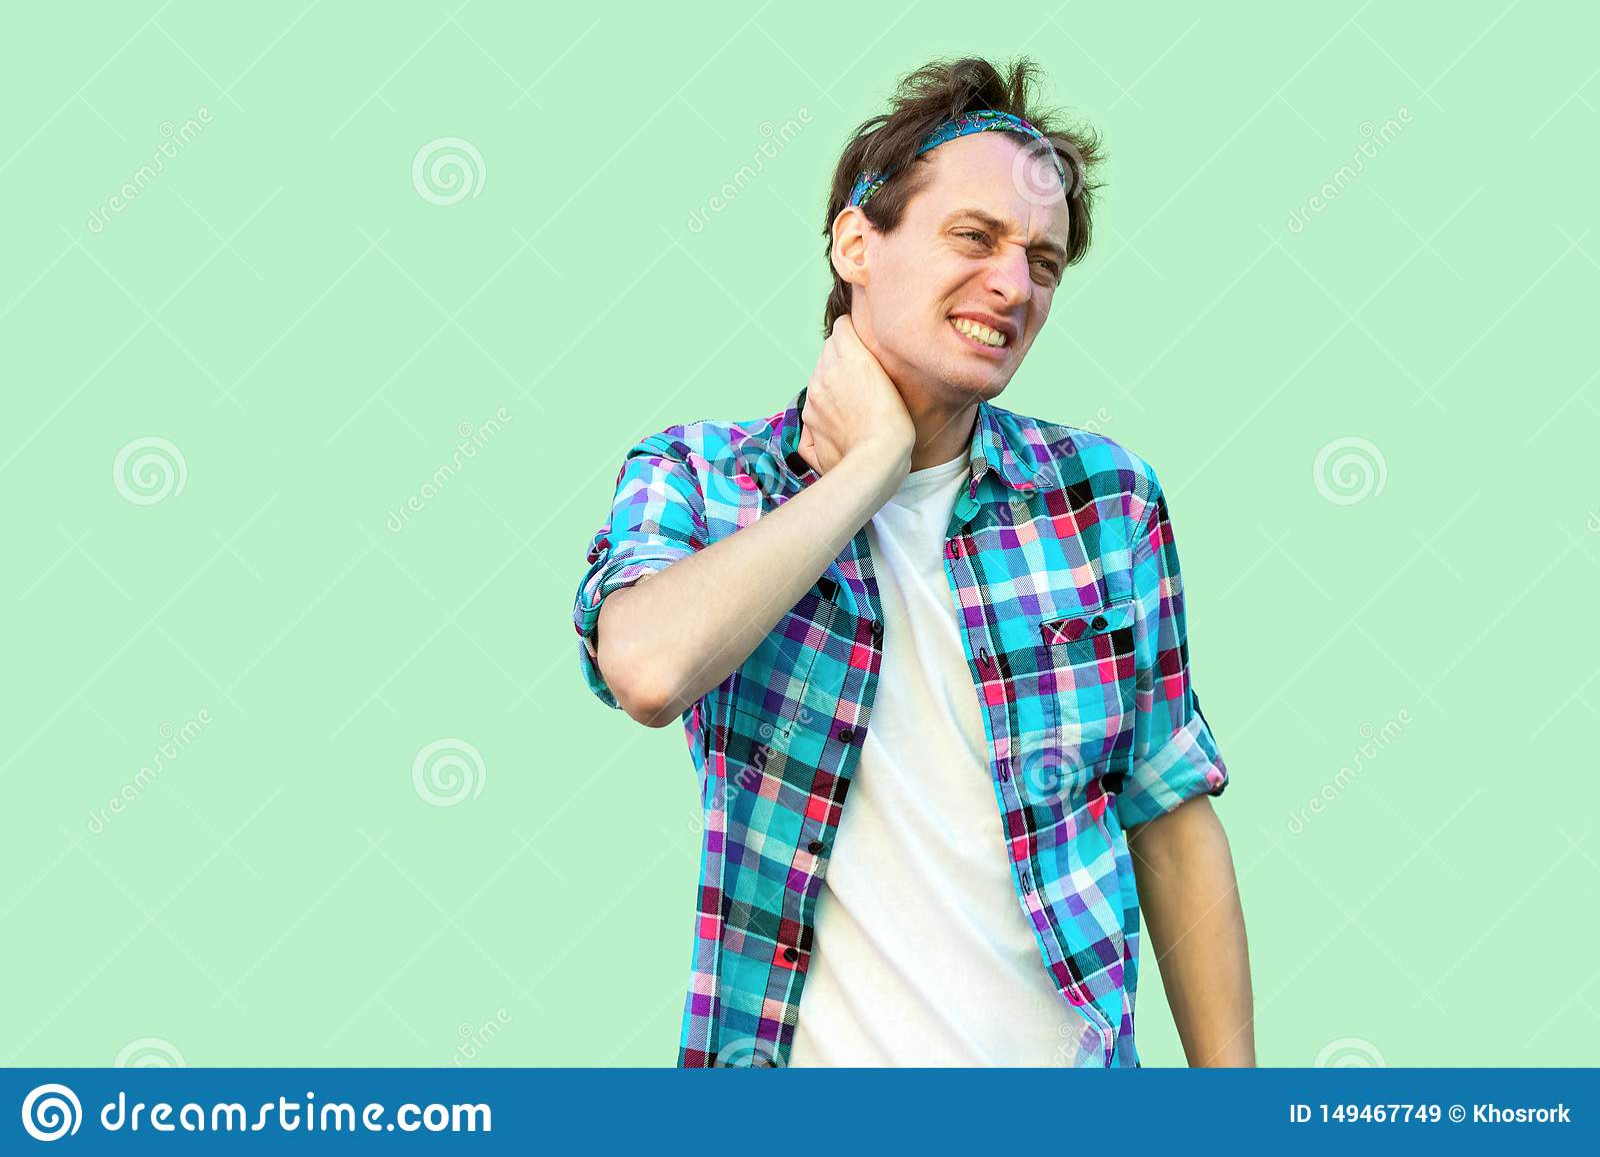 Hals oder R?ckenschmerzen Portr?t des traurigen verletzten jungen Mannes in der zuf?lligen blauen karierten Hemd- und Stirnbandst